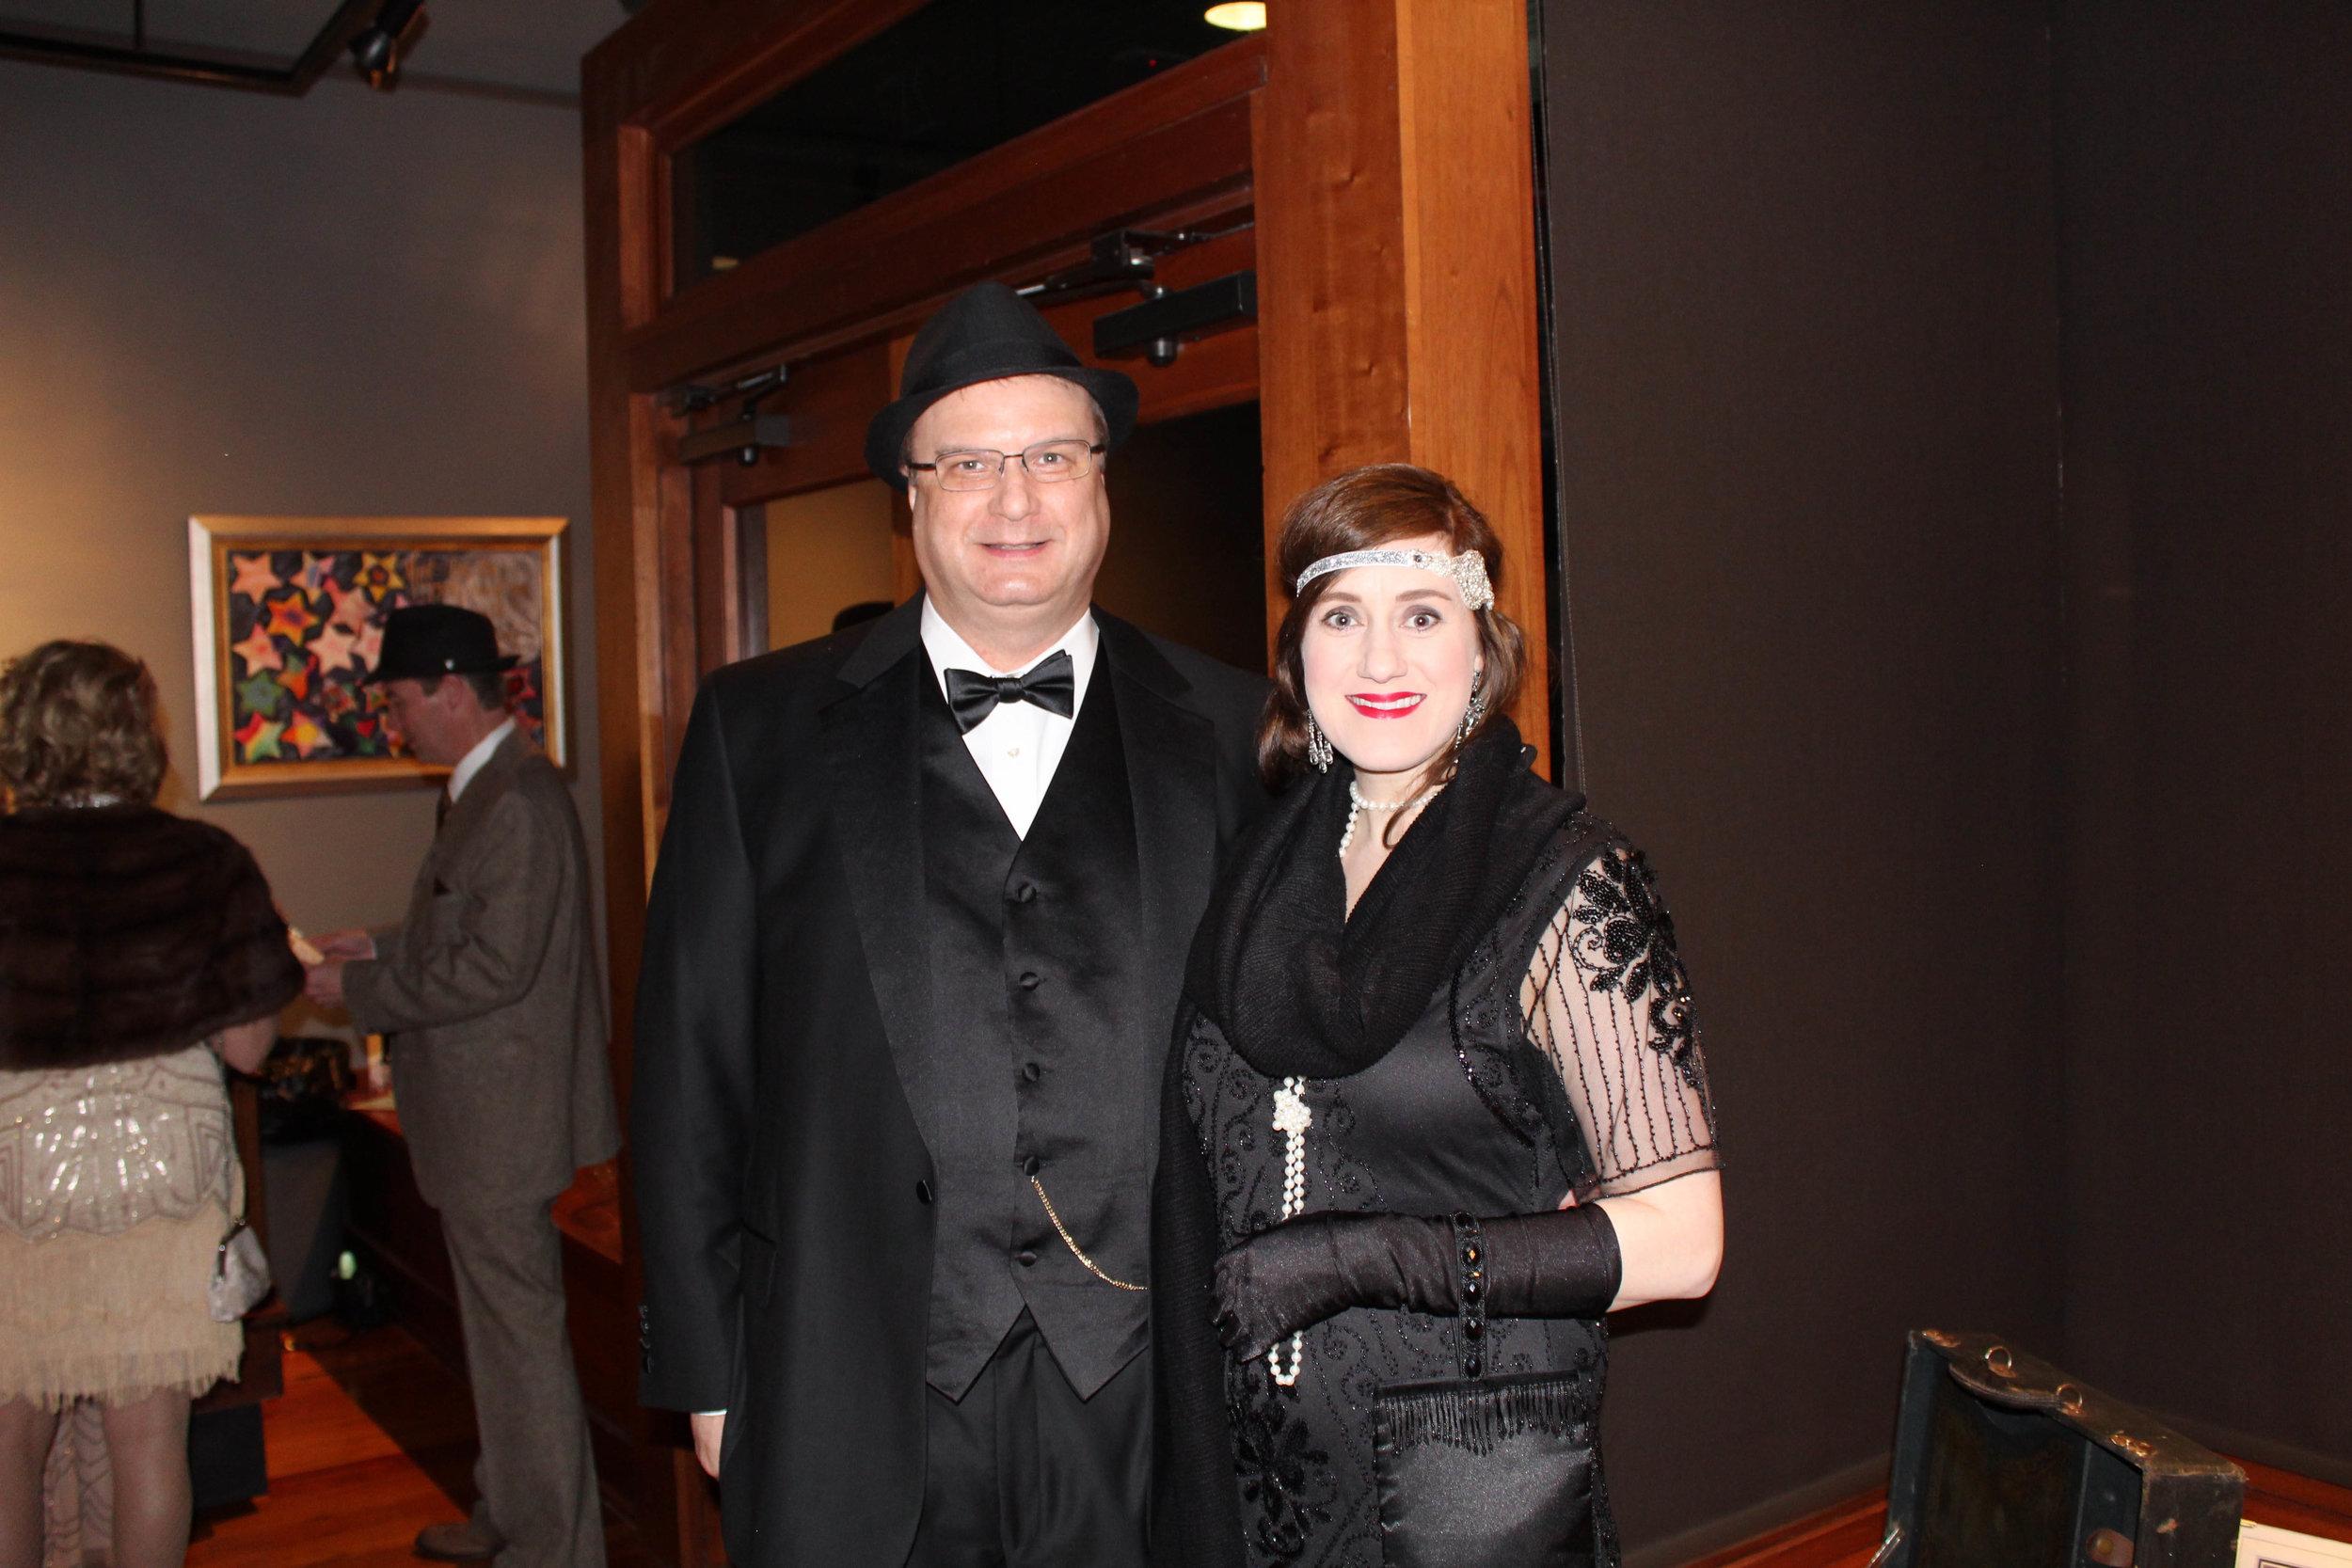 Andrew and Angela Clark